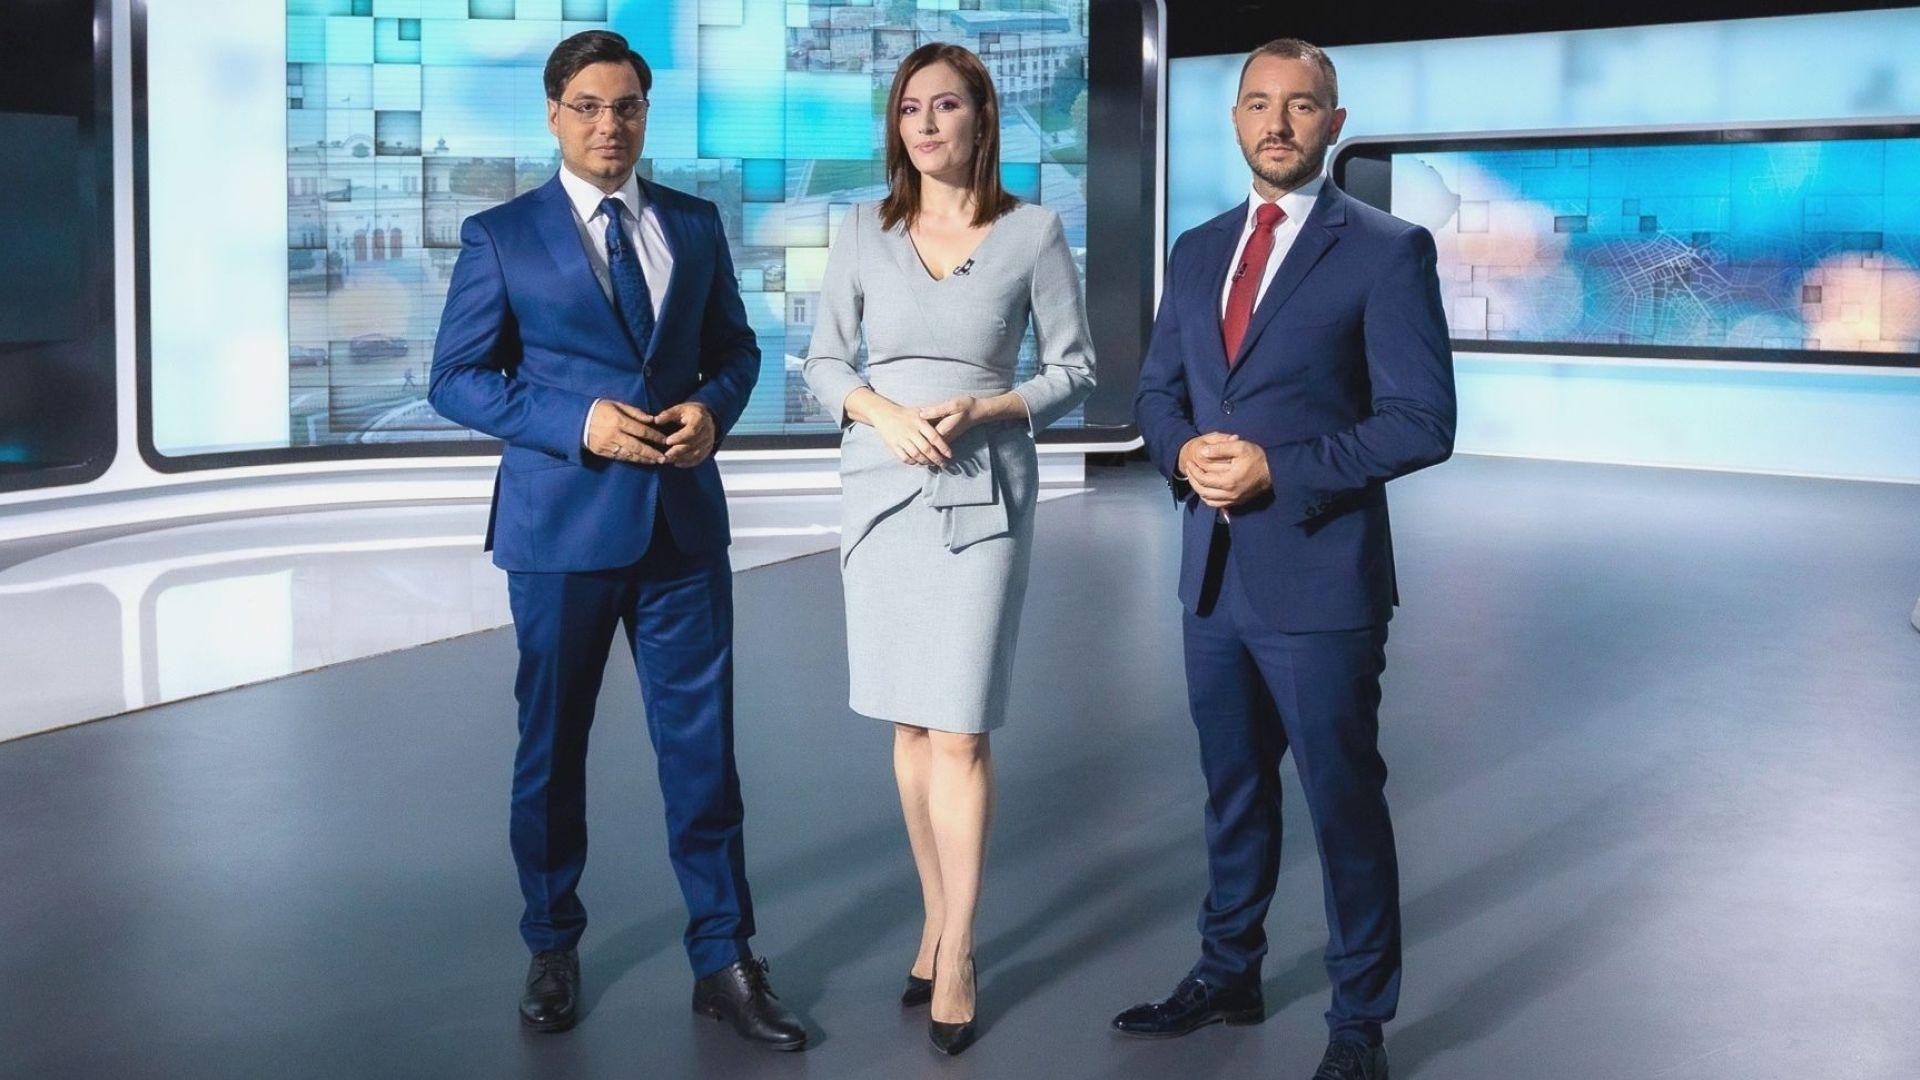 ГАРБ: bTV е номер 1 в месеца на най-значимите политически събития